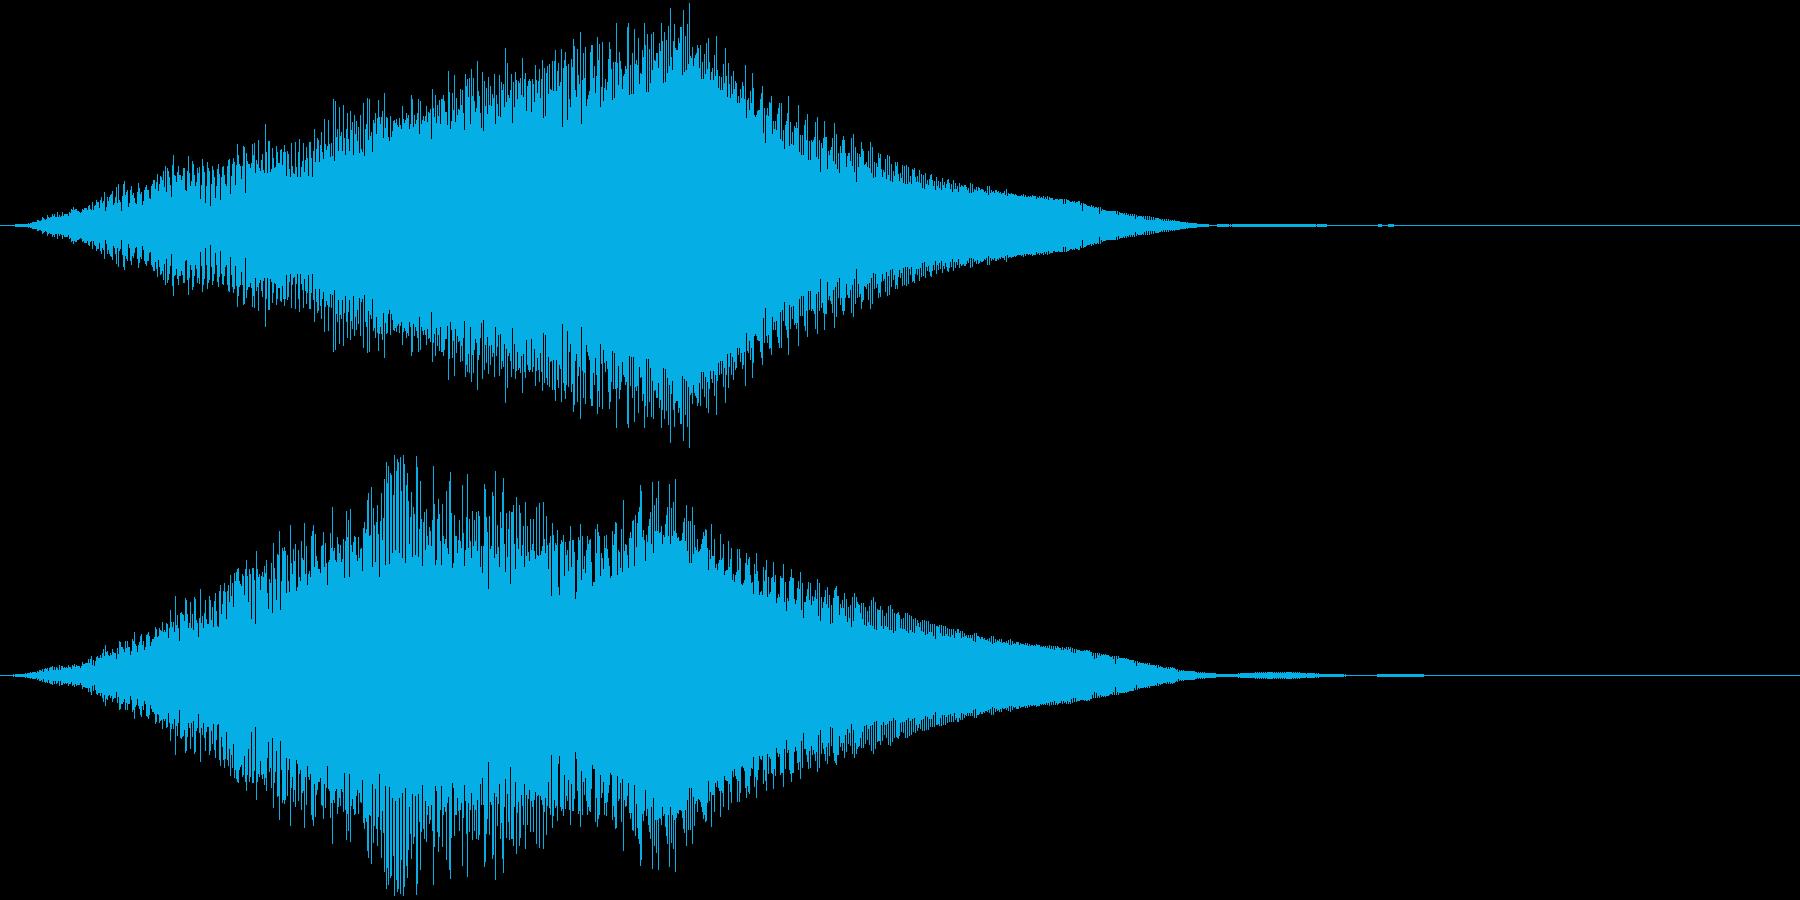 キュワワワーン(サウンドロゴ、ジングル)の再生済みの波形